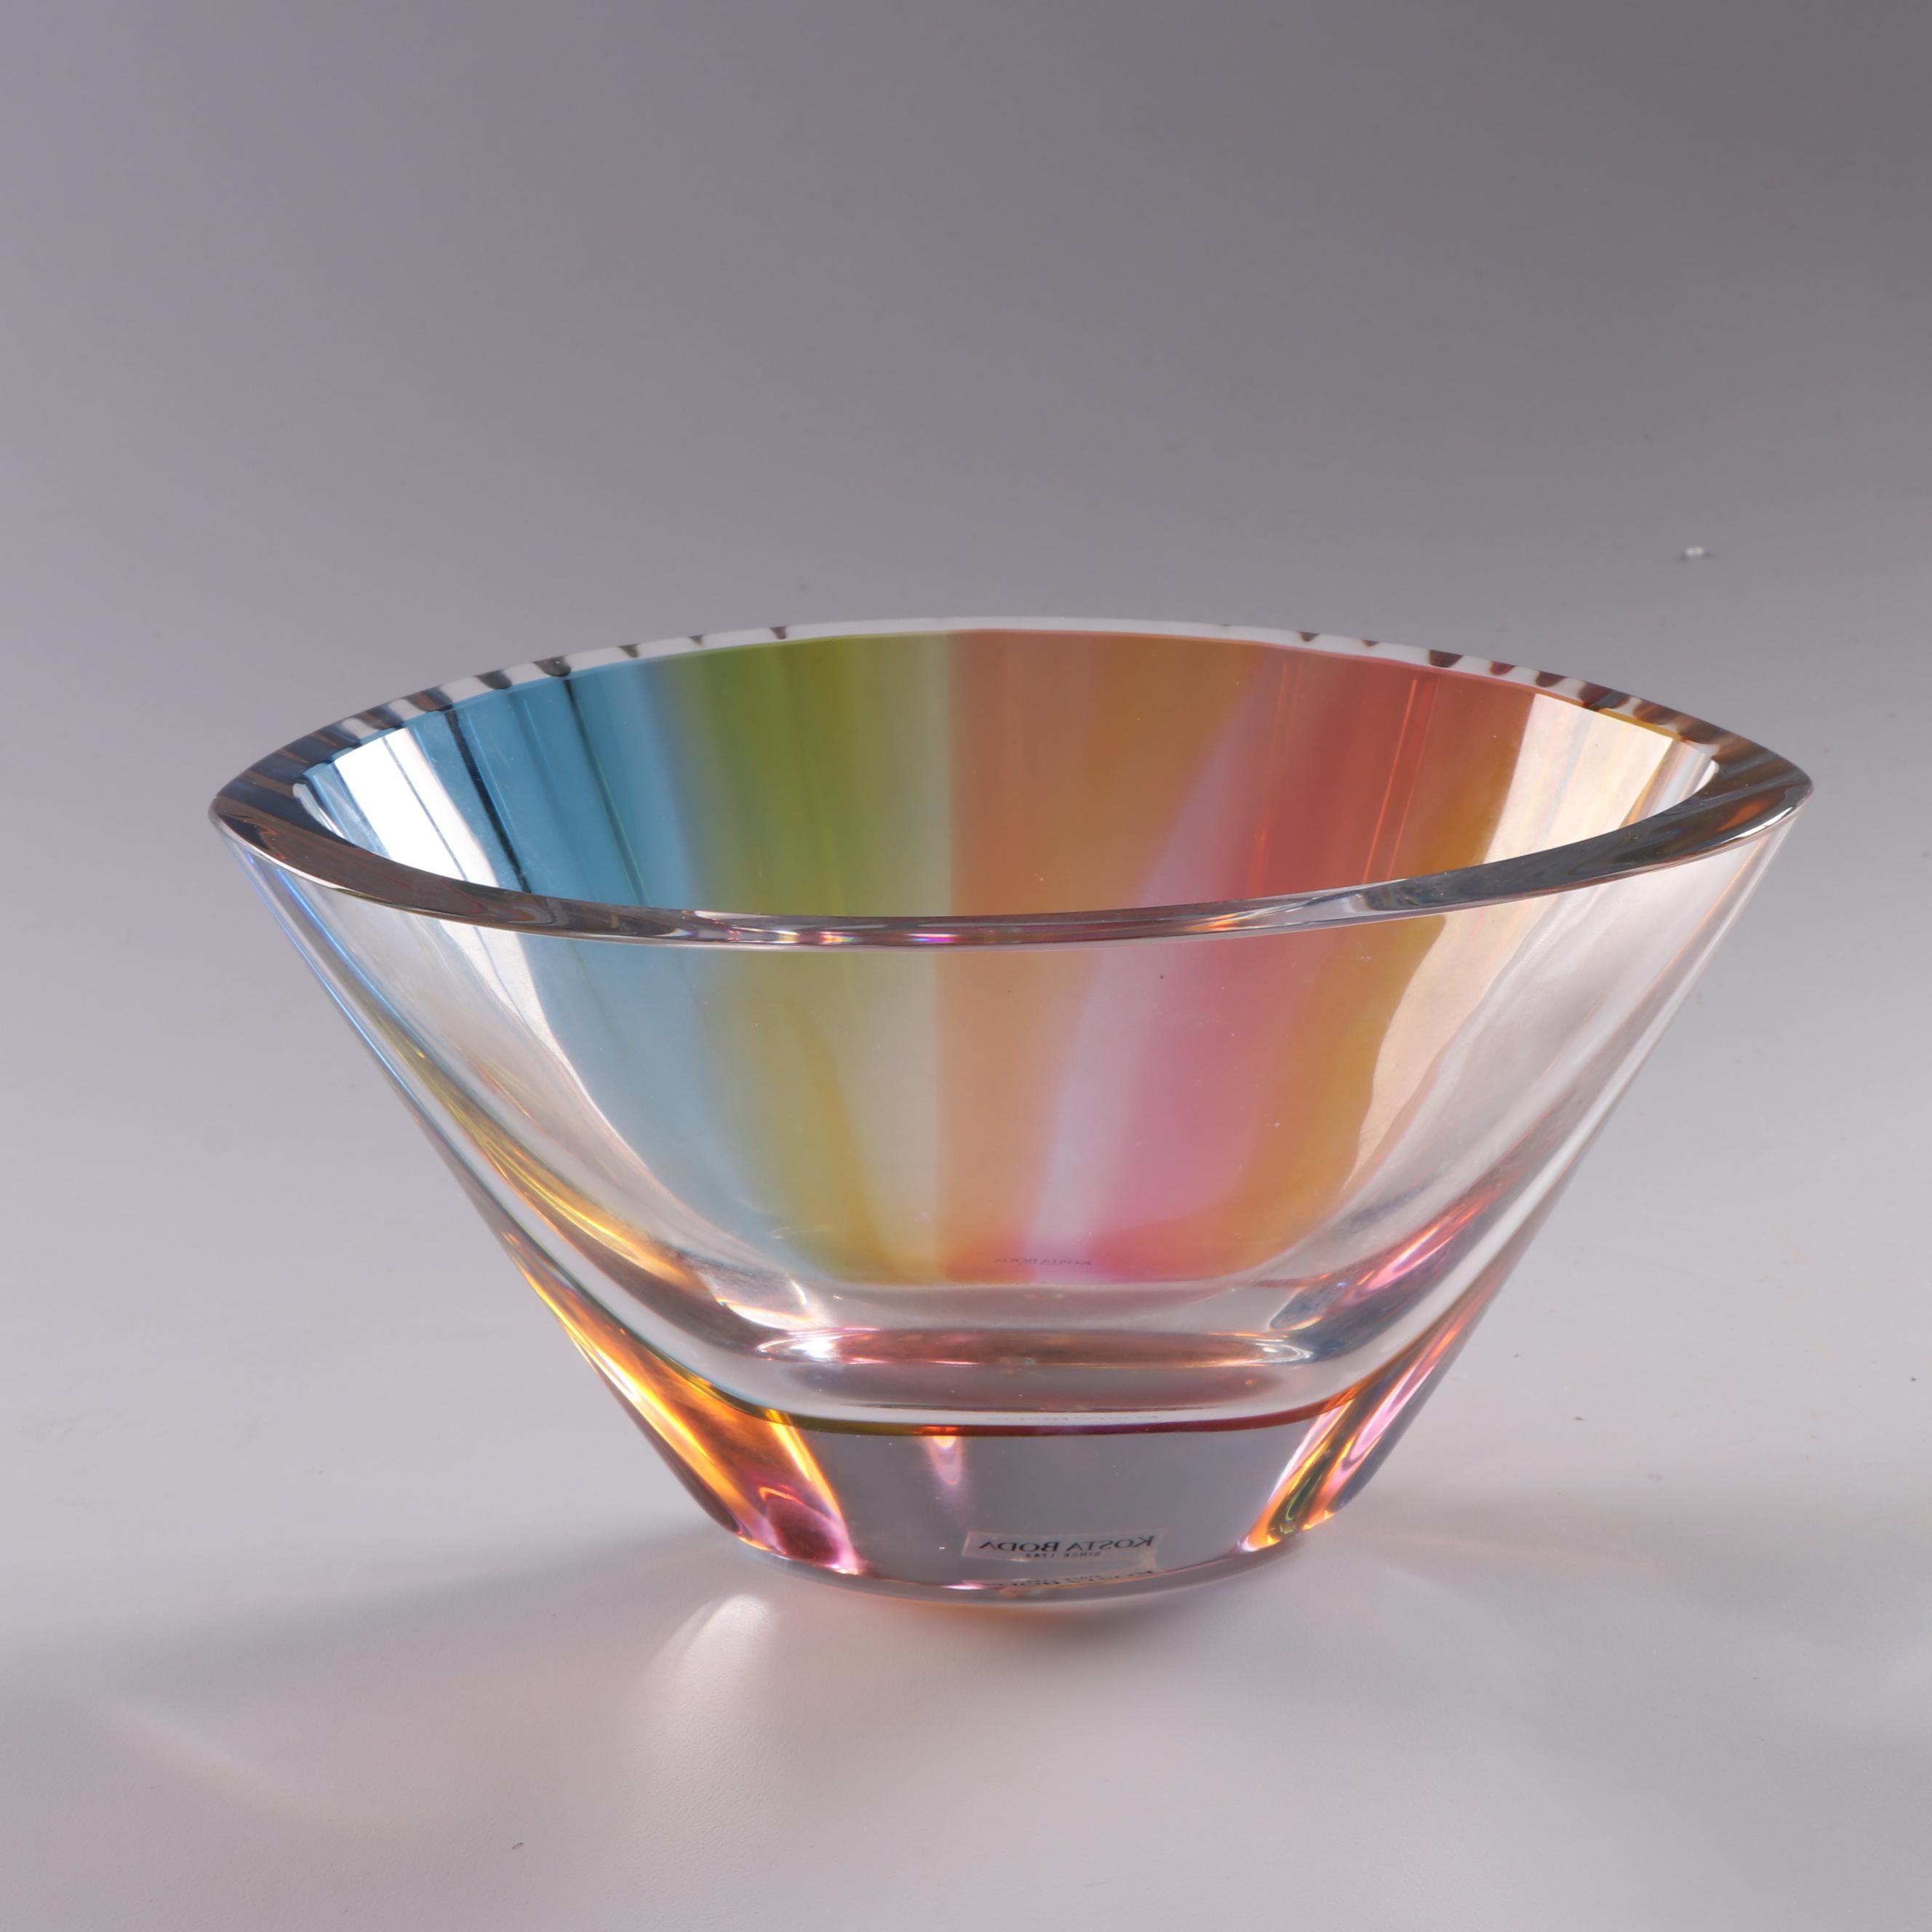 Kosta Boda Limited Edition Rainbow Glass Vase by Göran Wärff